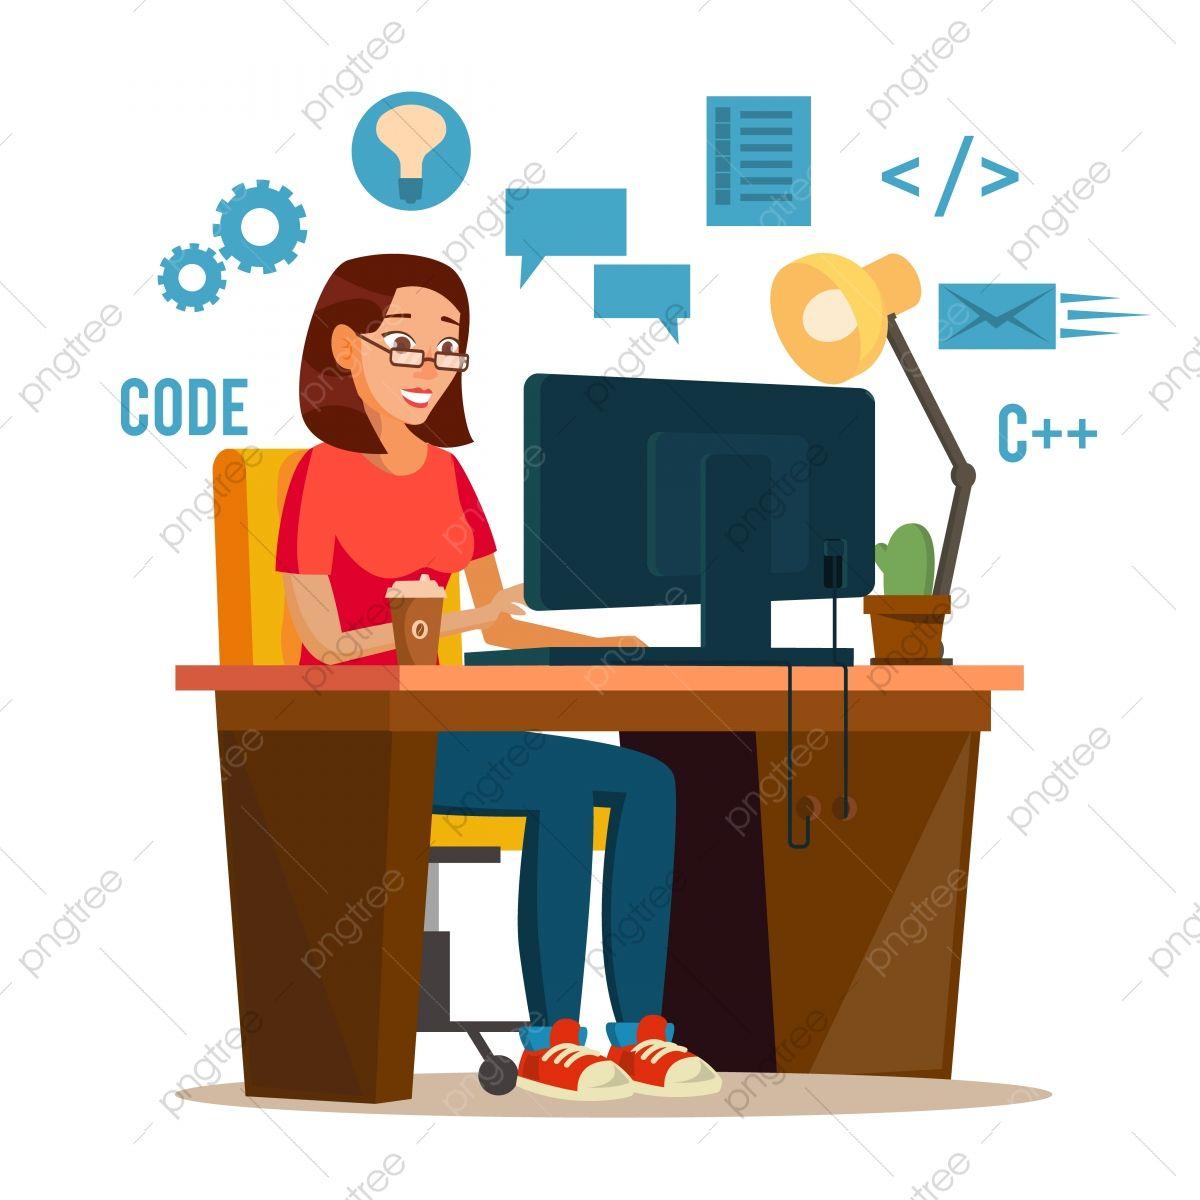 Programador Mujer Vector Programador Espacio De Trabajo Trabajando En Interne Dibujos Animados Personajes Personajes Ilustracion Dibujos De Personas Trabajando